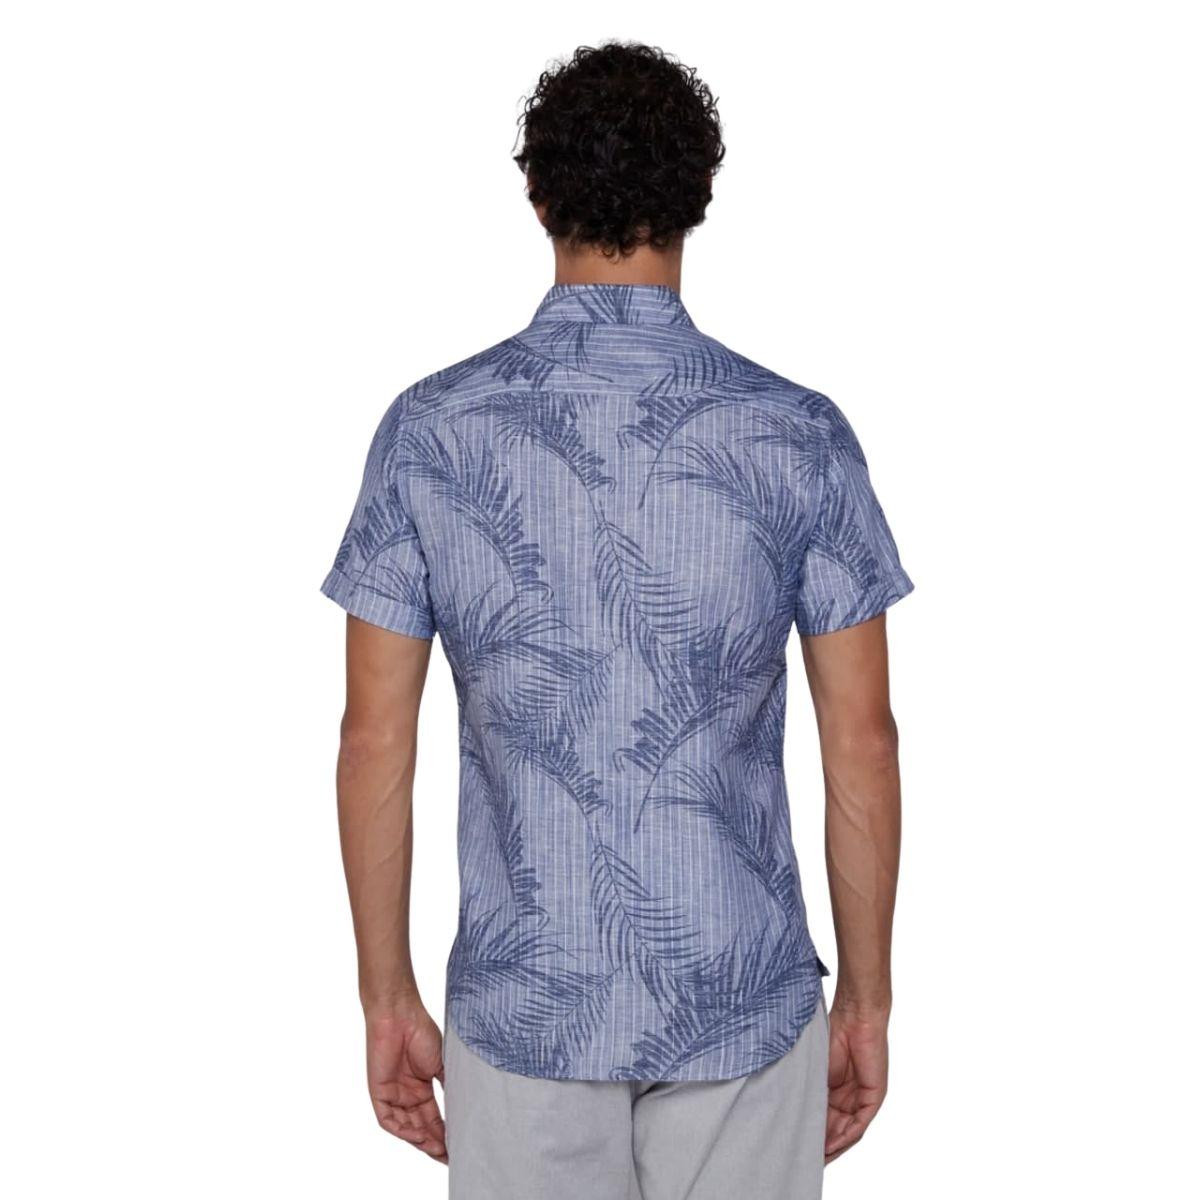 Camisa Individual Manga Curta Slim Estampada